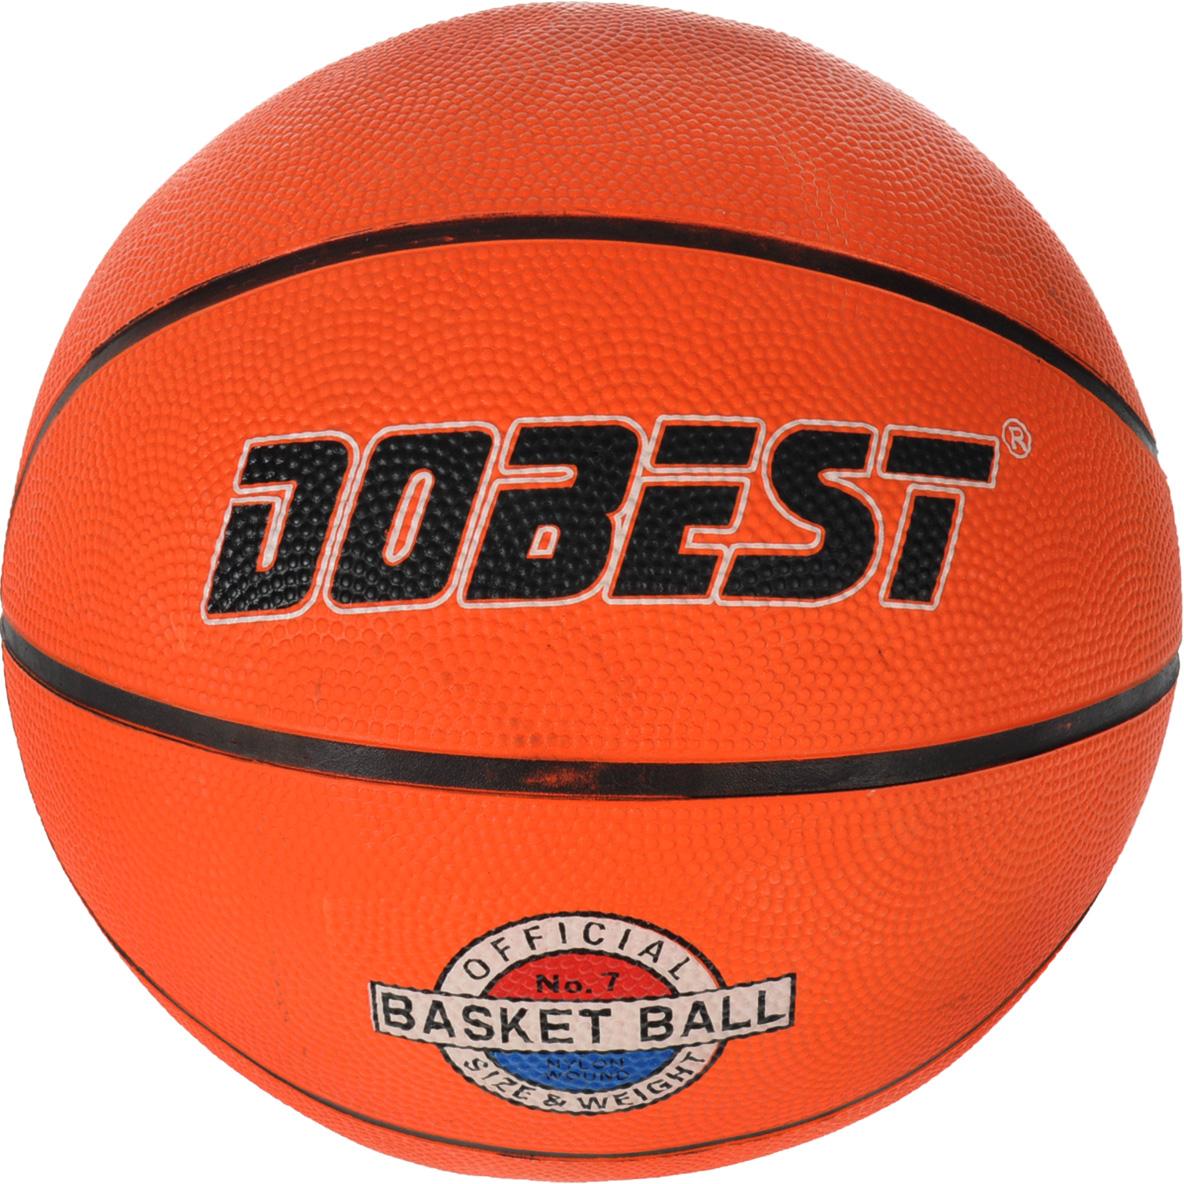 Мяч баскетбольный Dobest, цвет: оранжевый, черный, белый. Размер 765160042Мяч Dobest прекрасно подойдет для игры во всеми любимый, остающийся уже долгие годы актуальным, интересным и популярным видом спорта, баскетбол. Изделие выполнено из высококачественной прочной резины. Подходит для игры на улице и в зале.Ни для кого не секрет, что активные физические нагрузки очень полезны и нужны человеческому организму. А баскетбол, - это, пожалуй, одна из тех игр, в которых активно работают практически все мышцы тела, тренируются лёгкие, выносливость.Вес: 600 г.Количество панелей: 8.Количество слоев: 3.УВАЖЕМЫЕ КЛИЕНТЫ!Обращаем ваше внимание на тот факт, что мяч поставляется в сдутом виде. Насос не входит в комплект.